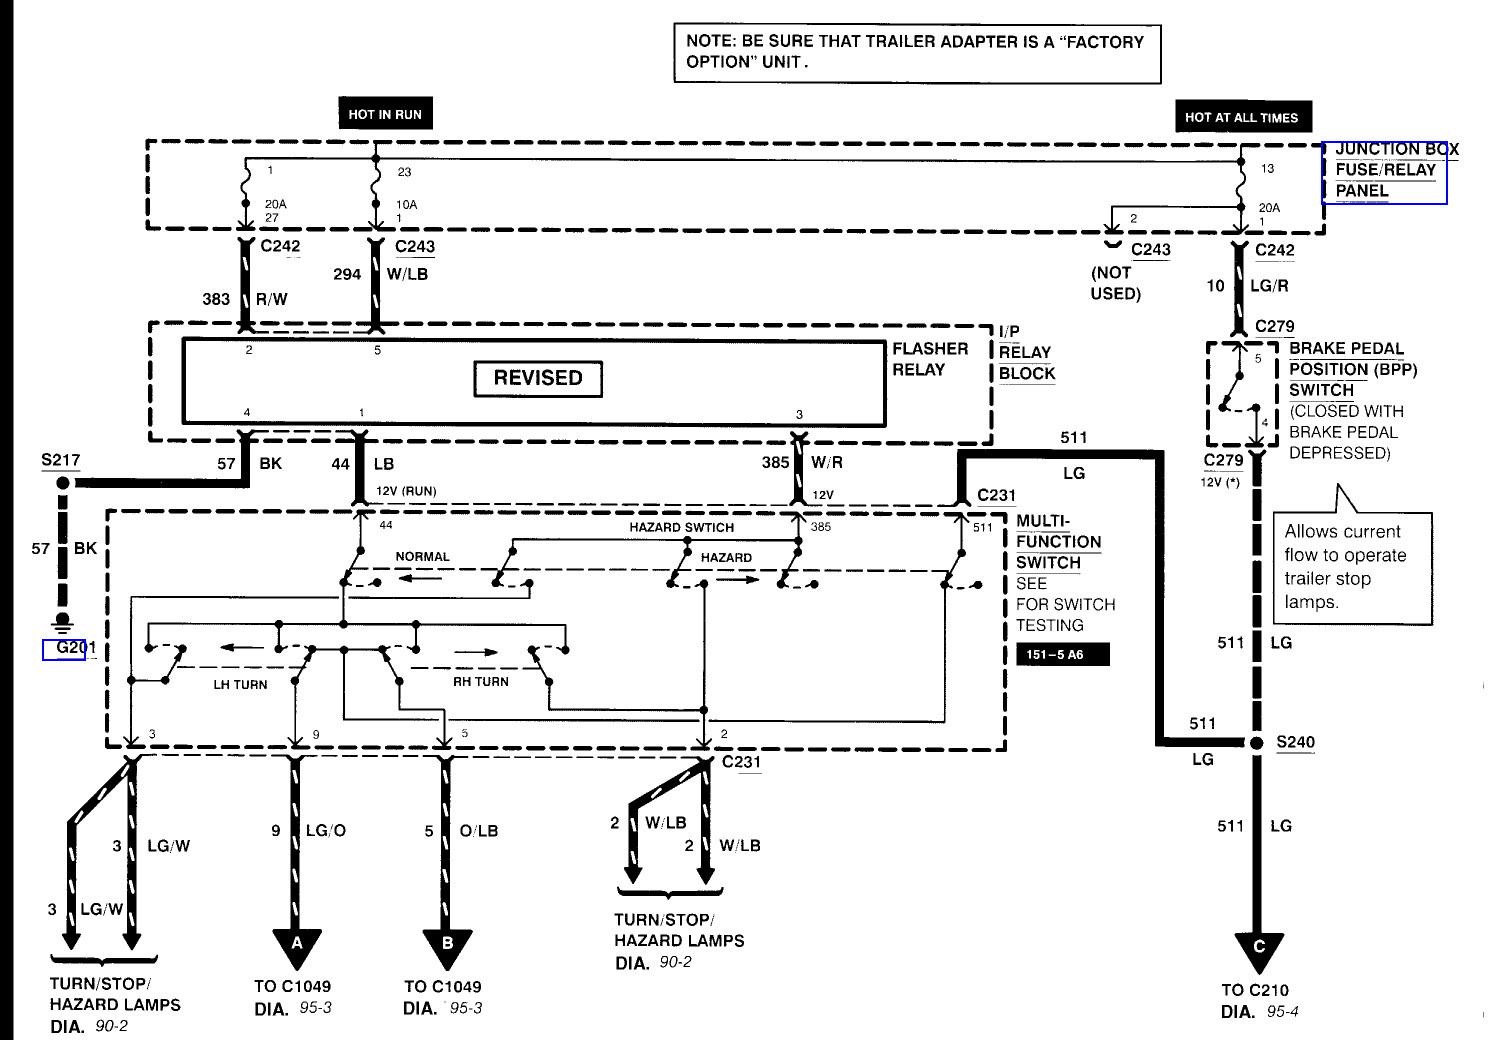 1999 Ford F250 Trailer Wiring Diagram